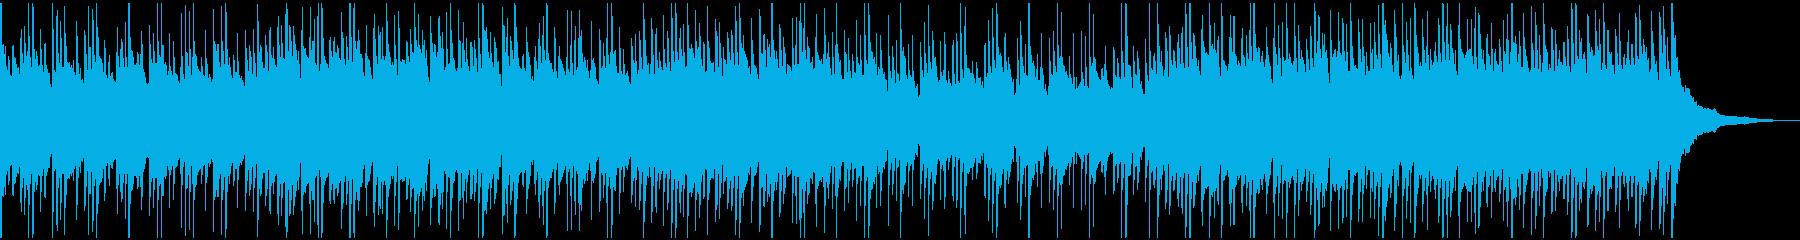 ウクレレとグロッケンの明るい楽曲ドラム無の再生済みの波形